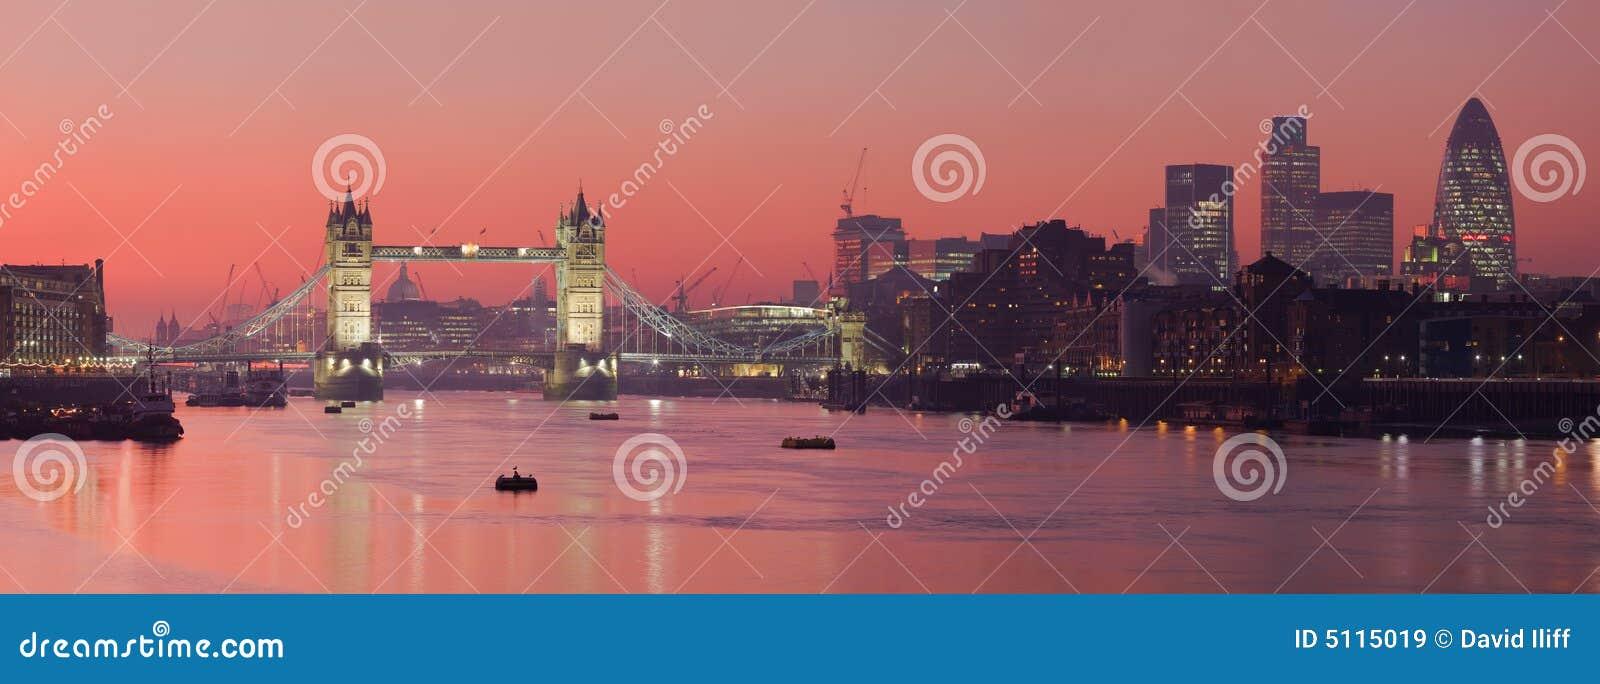 Ponticello della torretta e città di Londra con i soli rosso-cupo